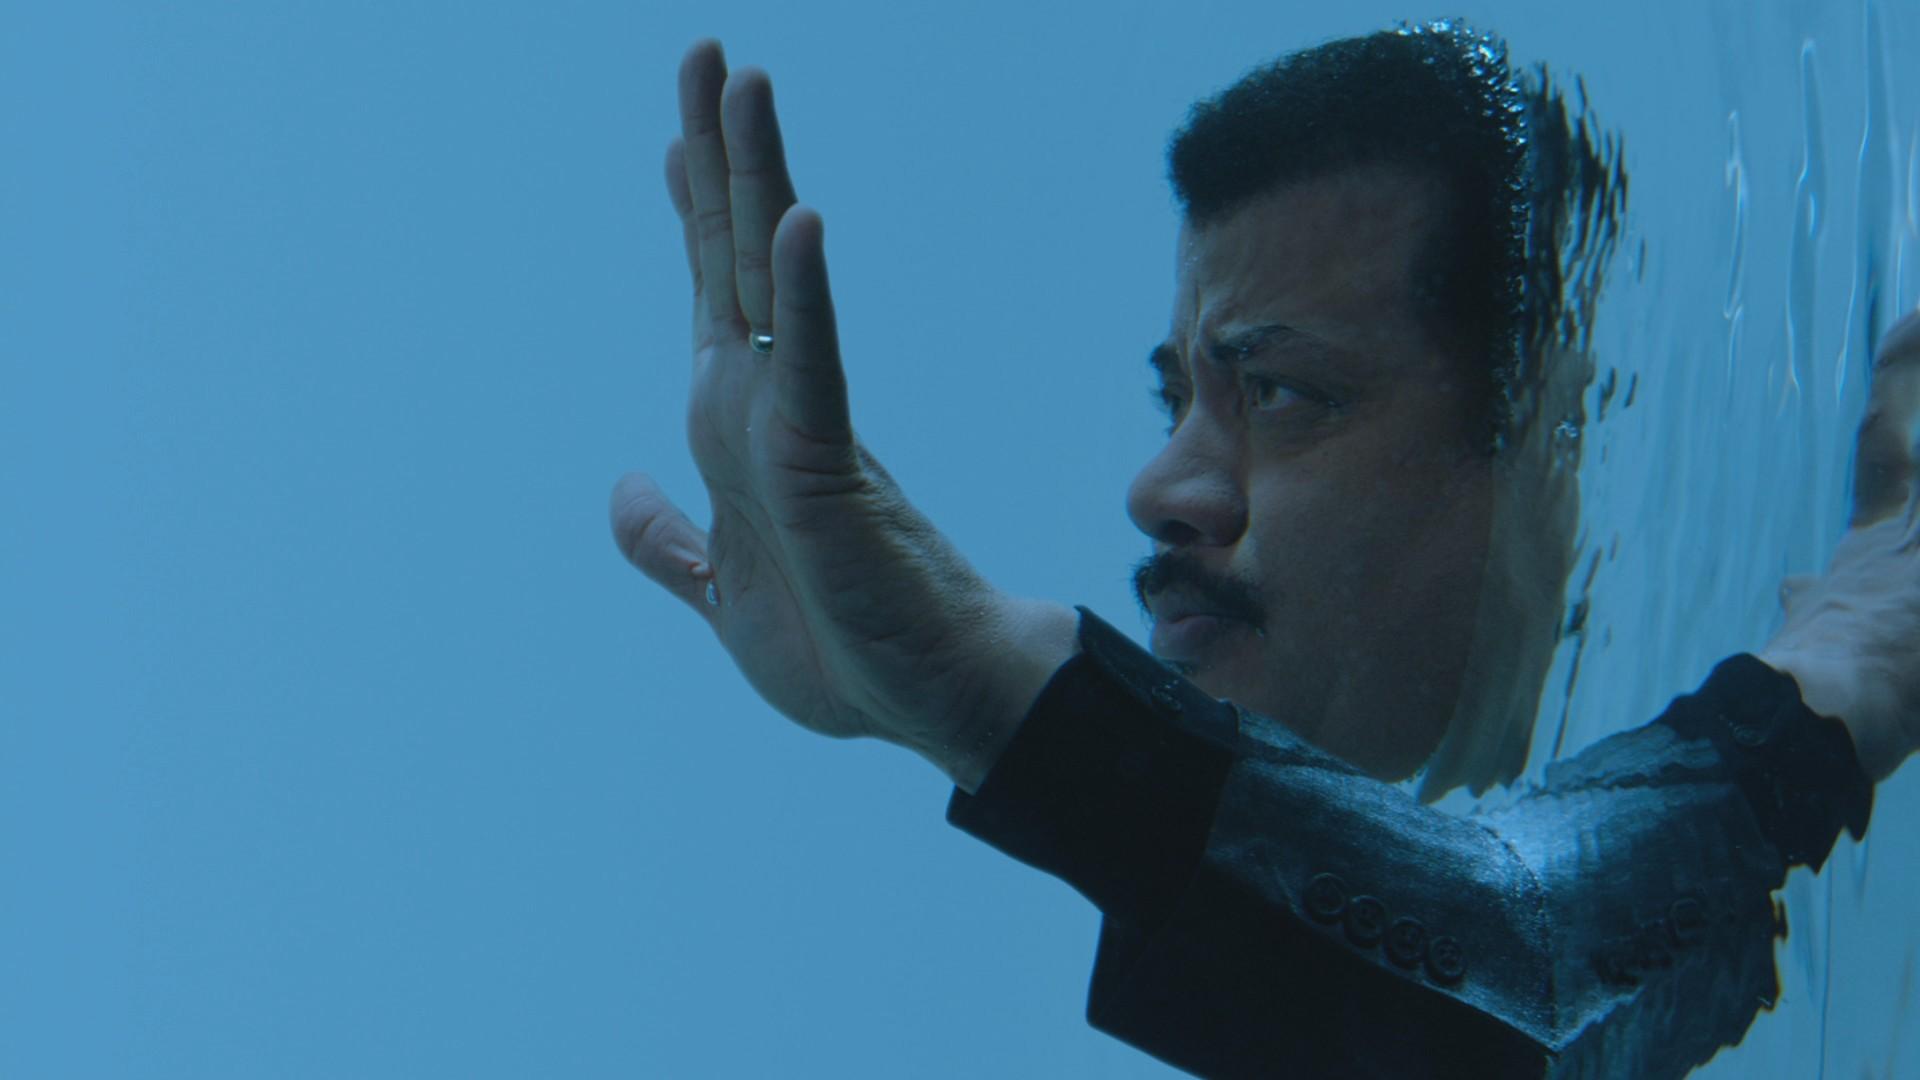 O astrofísico Neil deGrasse Tyson é o narrador de mais uma temporada da série Cosmos (Foto: Divulgação)